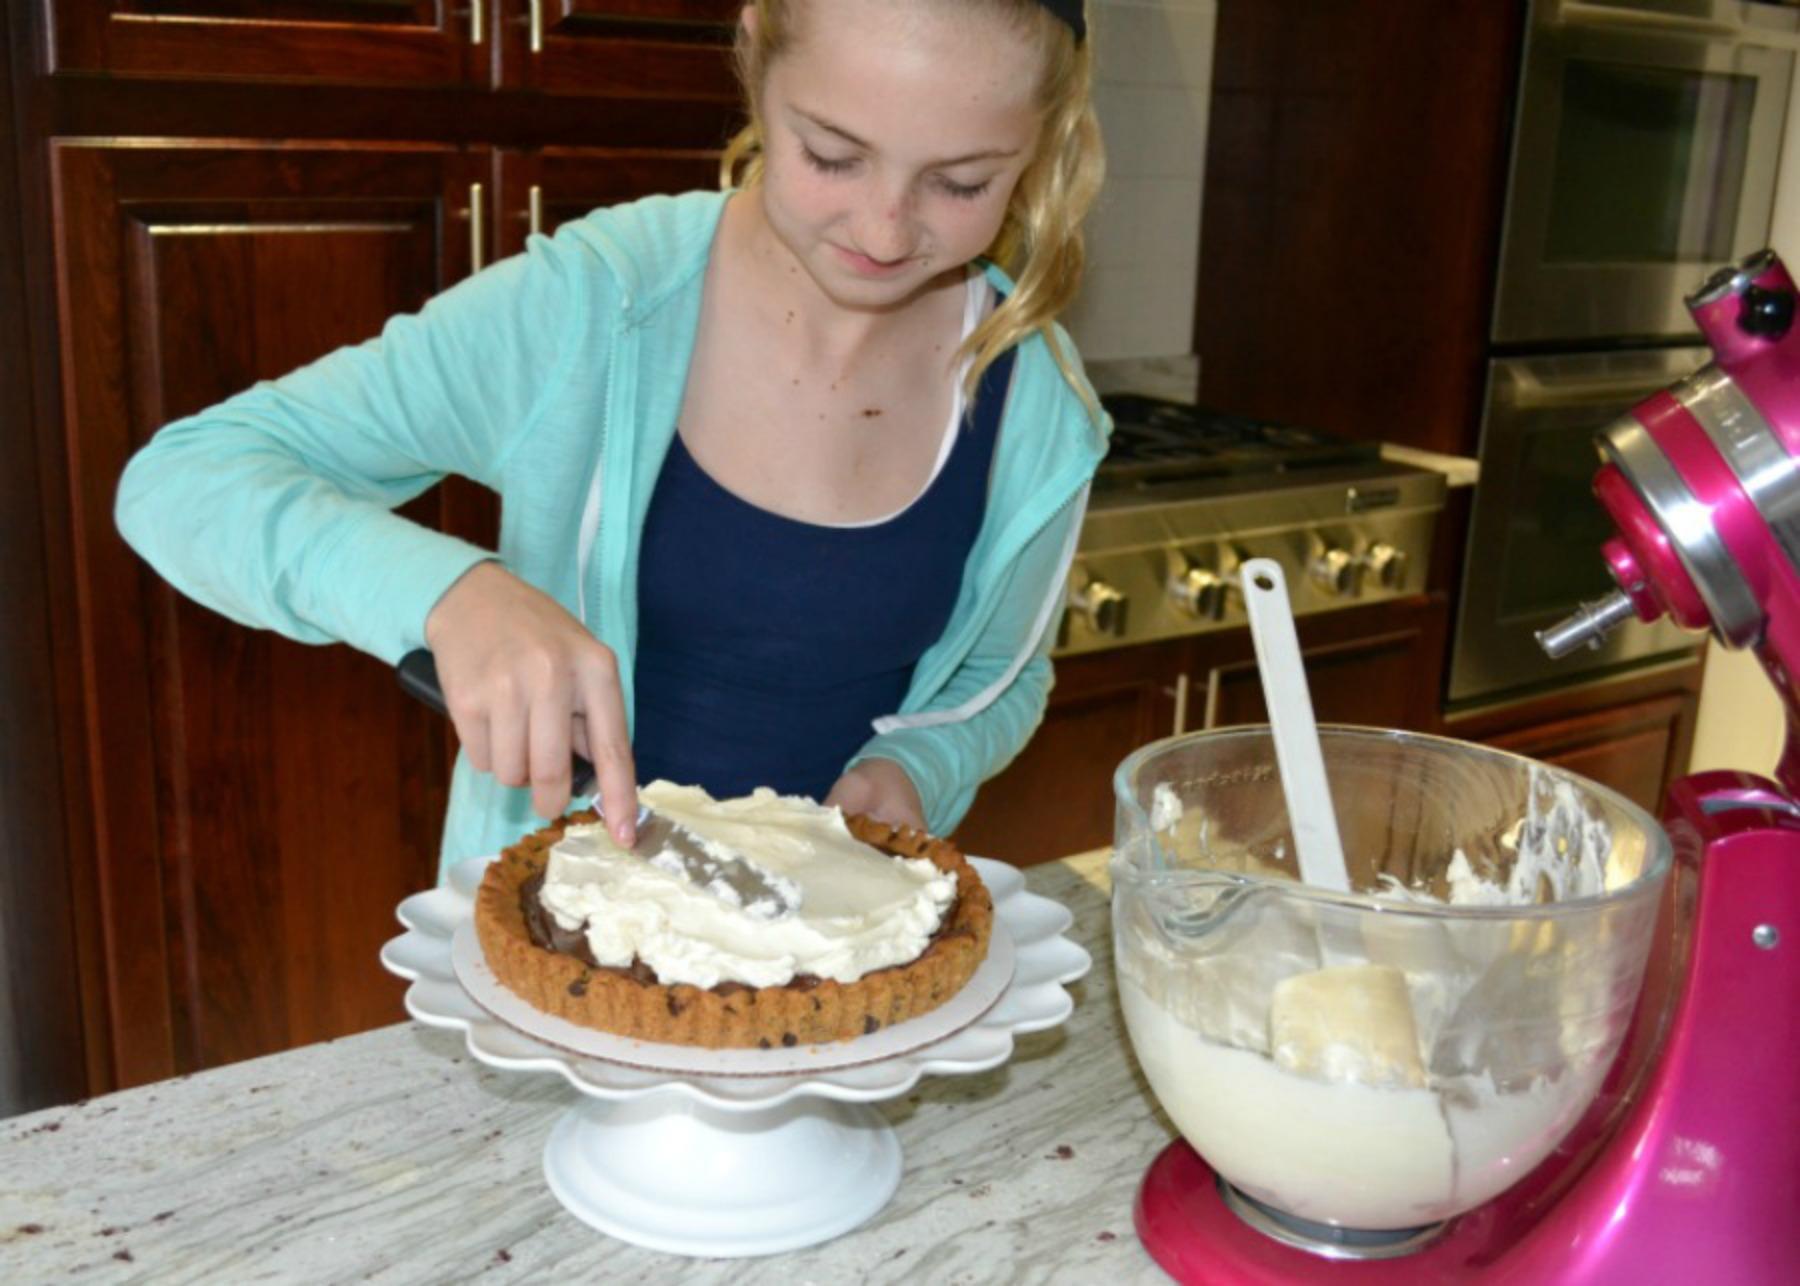 tart making, cookie dough, kids cooking, pillsbury, strawberry, mascarpone cheese